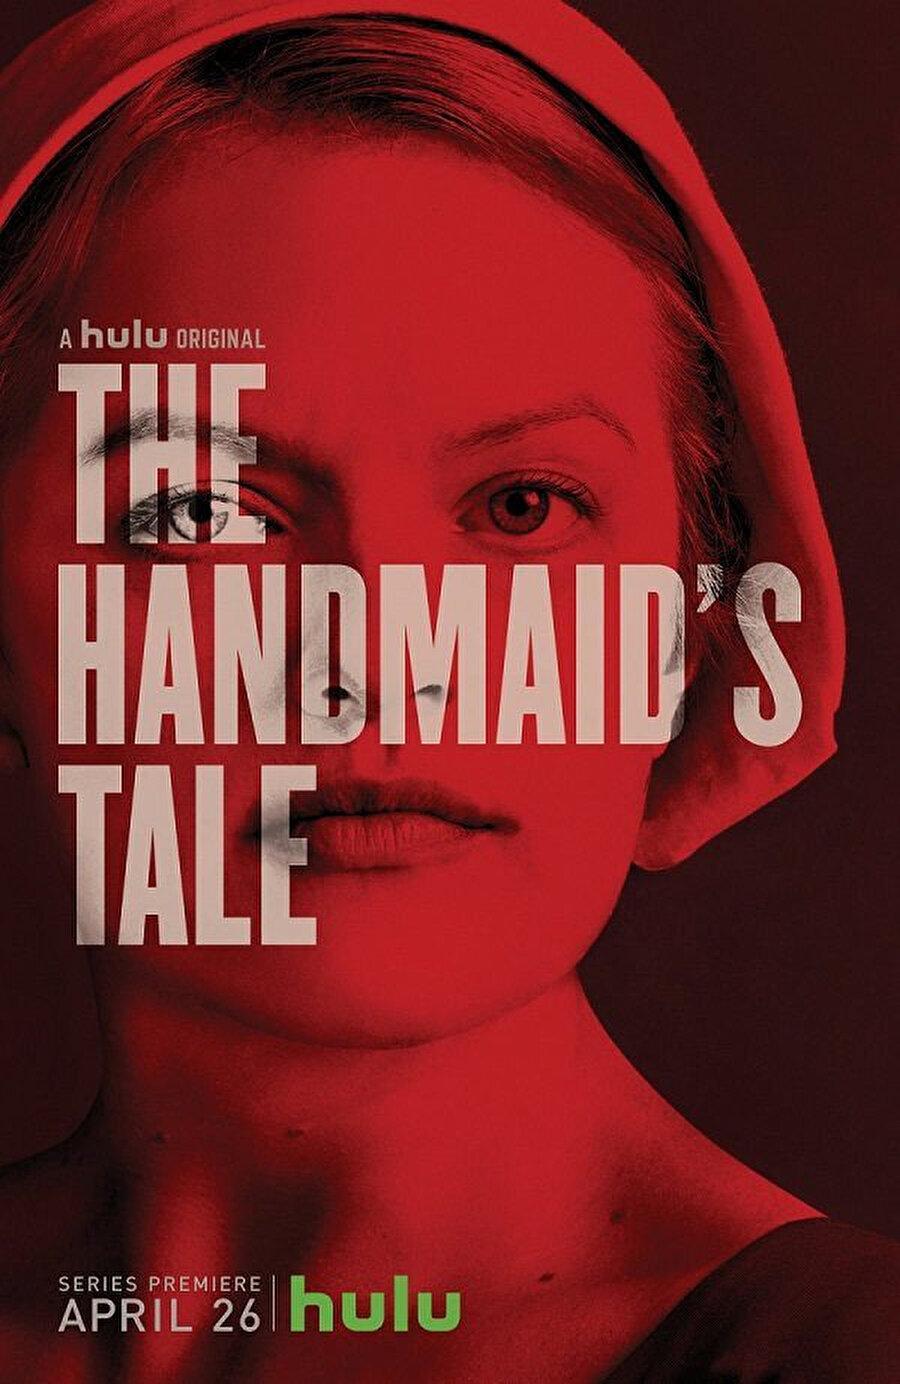 Geride bıraktığımız yıl kazandığı Emmy ve Altın Küre ödülleriyle 2017'nin en başarılı dizisi olan The Handmaid's Tale'in ikinci sezonu, nisan ayında gösterime girdi. ABD'li dijital platform Hulu'nun yapımcılığını üstlendiği ve ülkemizde Blutv tarafından ekrana taşınan dizi, doğum oranlarının düşmesi ve kısırlığın artması sonucu kadınların damızlık kölelere dönüştürüldüğü distopik bir toplumda geçen oldukça çarpıcı olayları konu alıyor